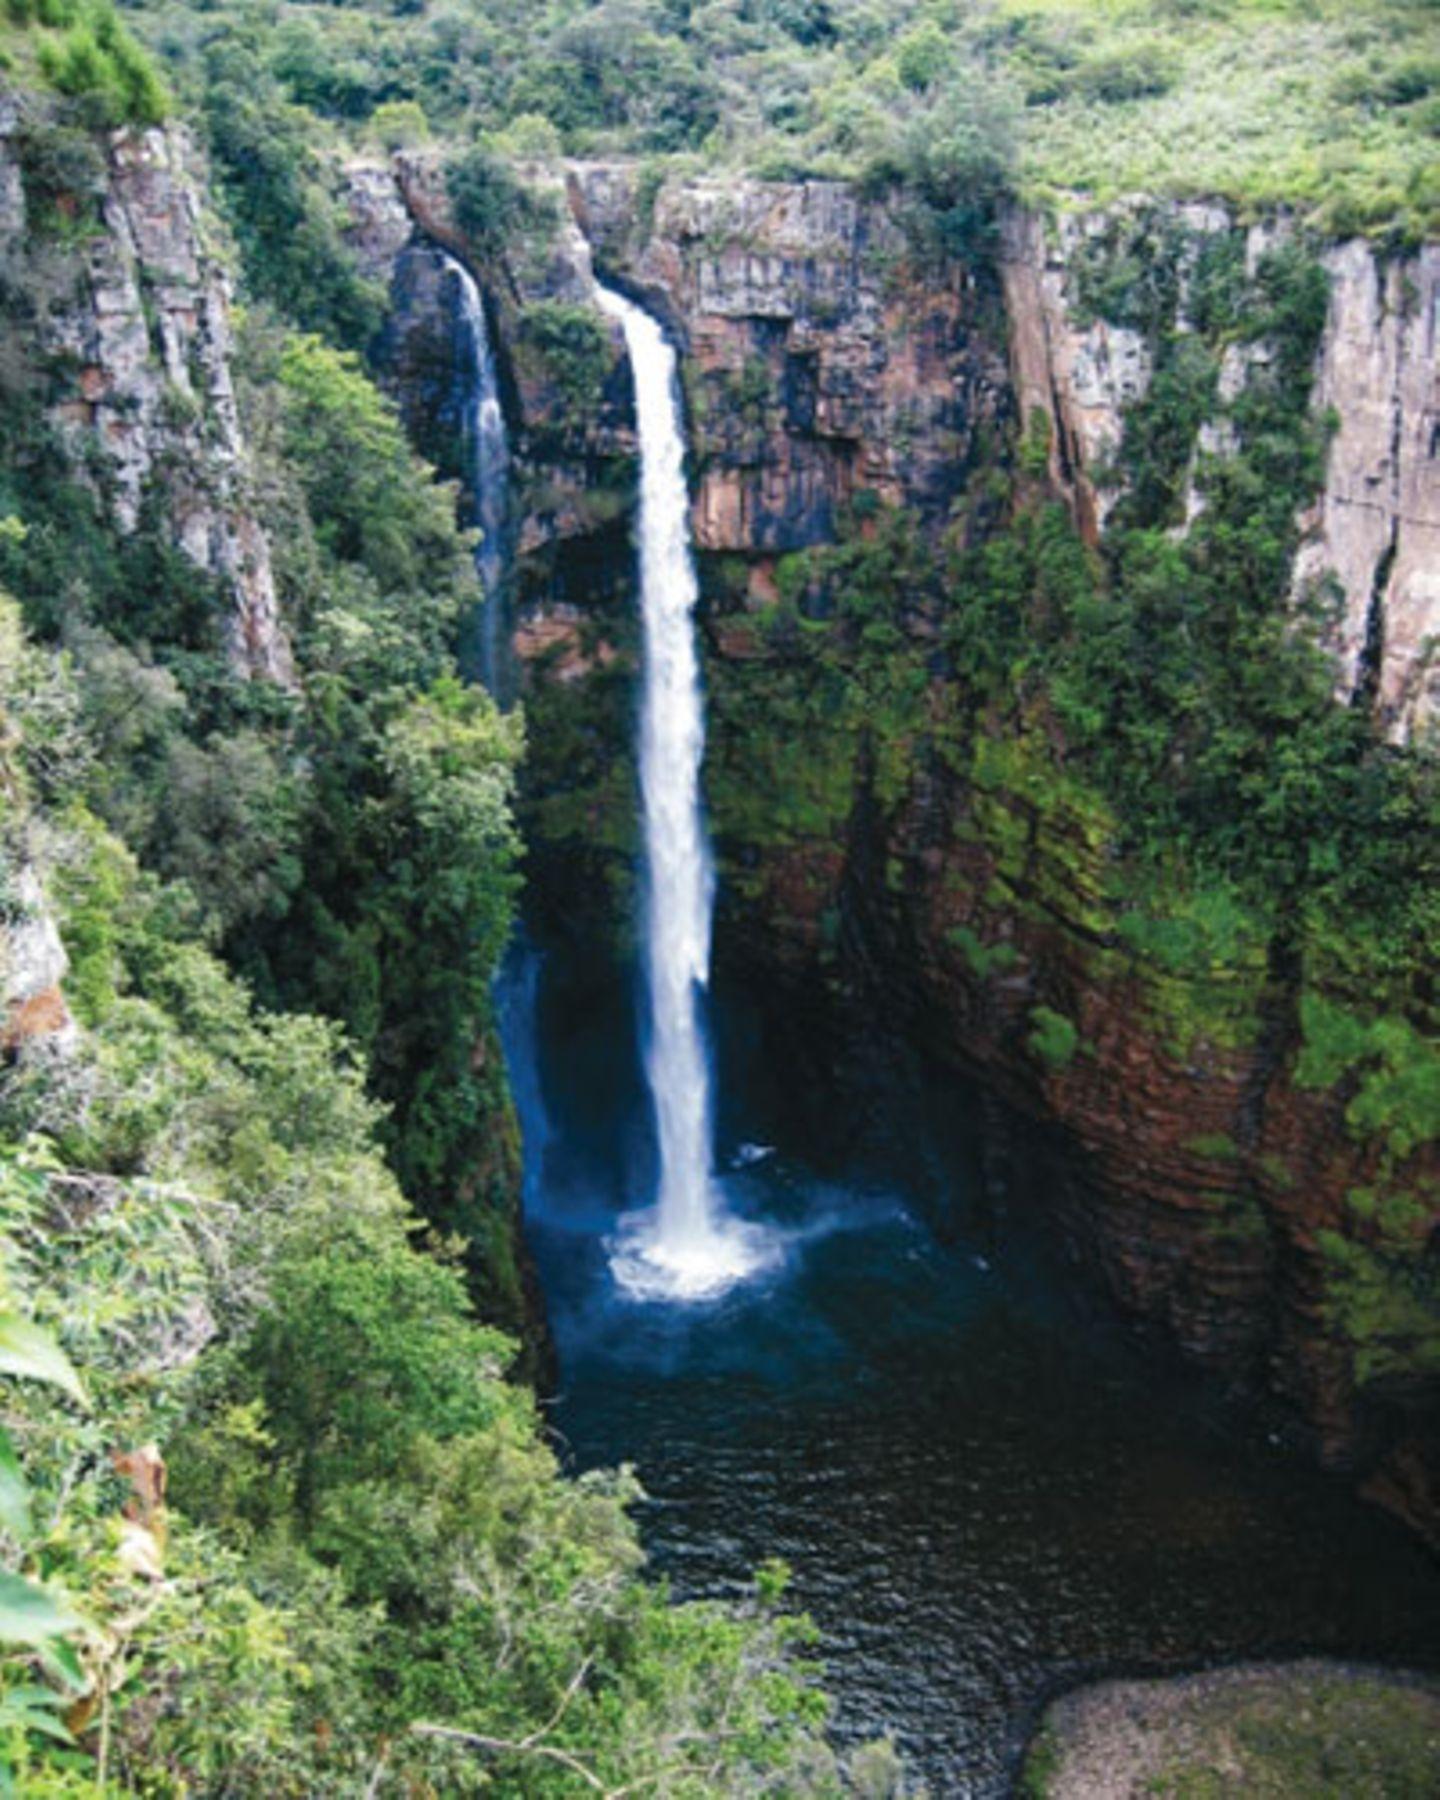 Südafrika - auf dieses Land wird 2010 die Welt schauen. Wir zeigen Ihnen schon einmal traumhafte Landschaften und eine faszinierende Tierwelt (aus: Bilderreise an das Ende des Regenbogens, National Geographic) An der Panorama-Route liegen viele wunderschöne Wasserfälle - wie diese MacMac-Falls.